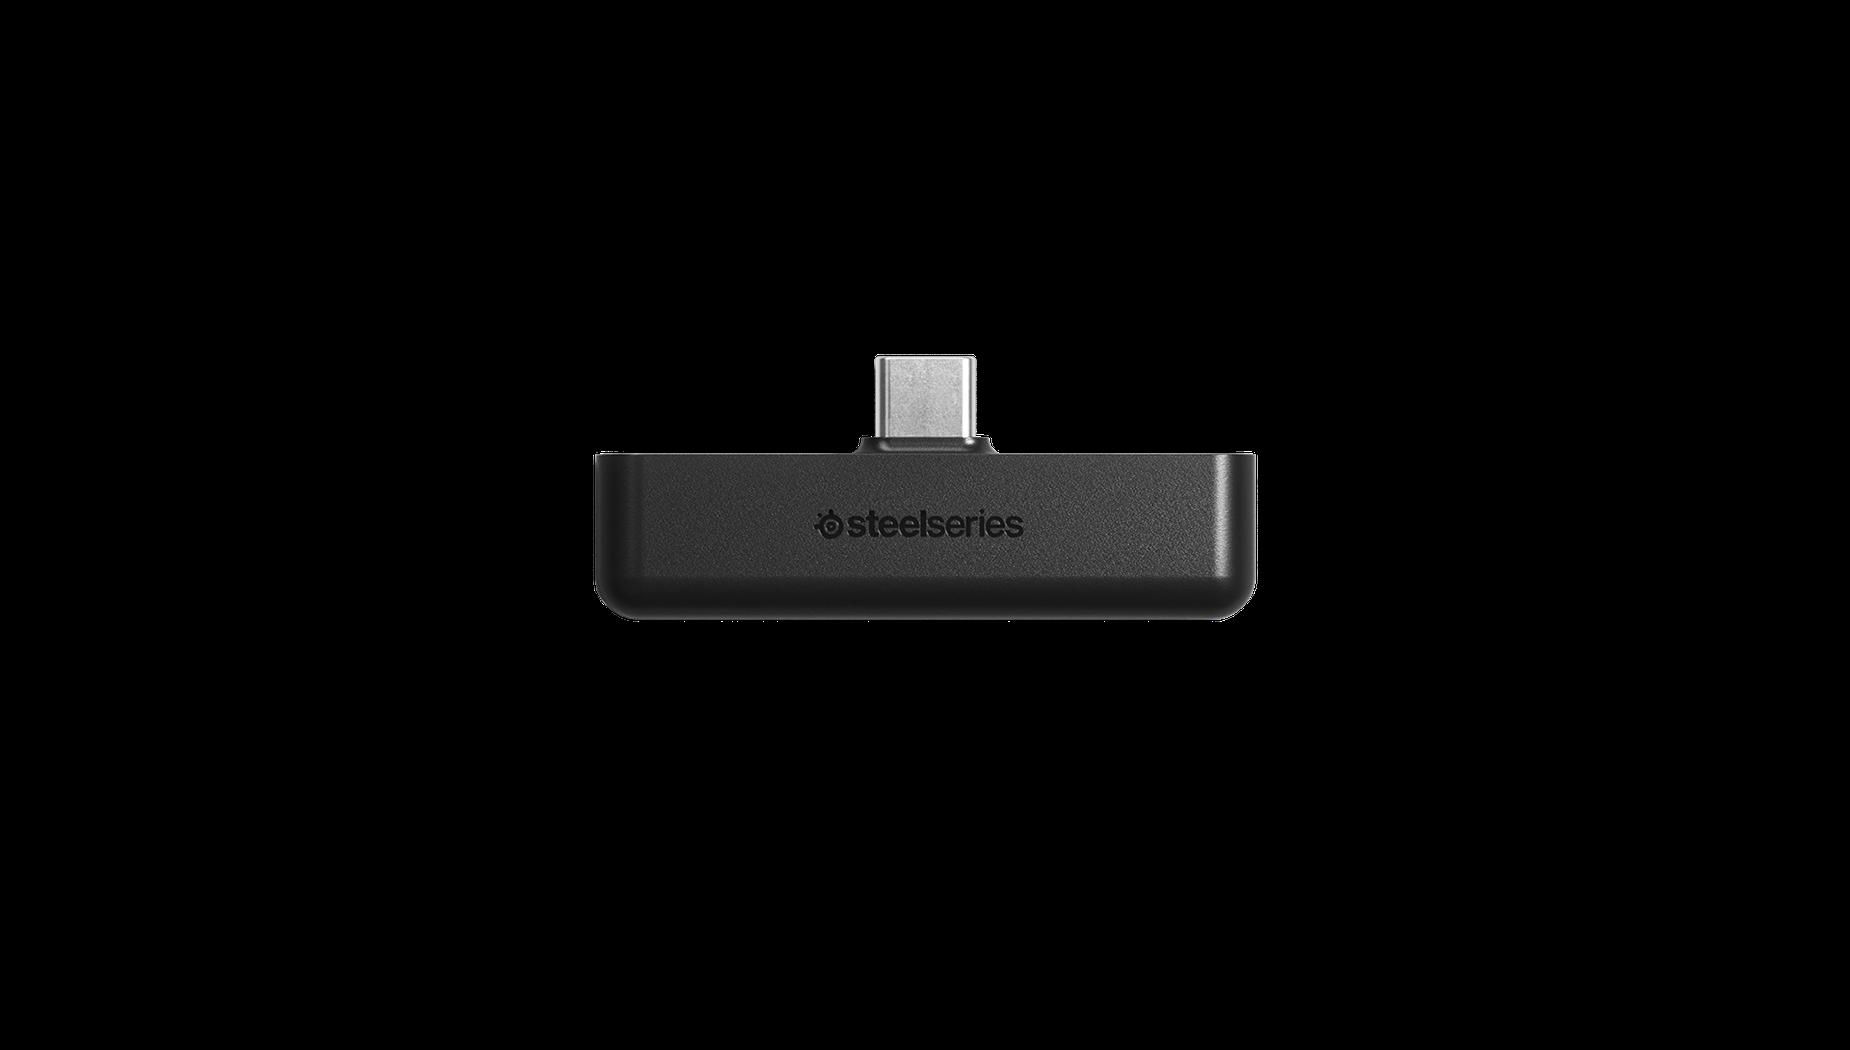 USB type C 傳輸器用於無線連接